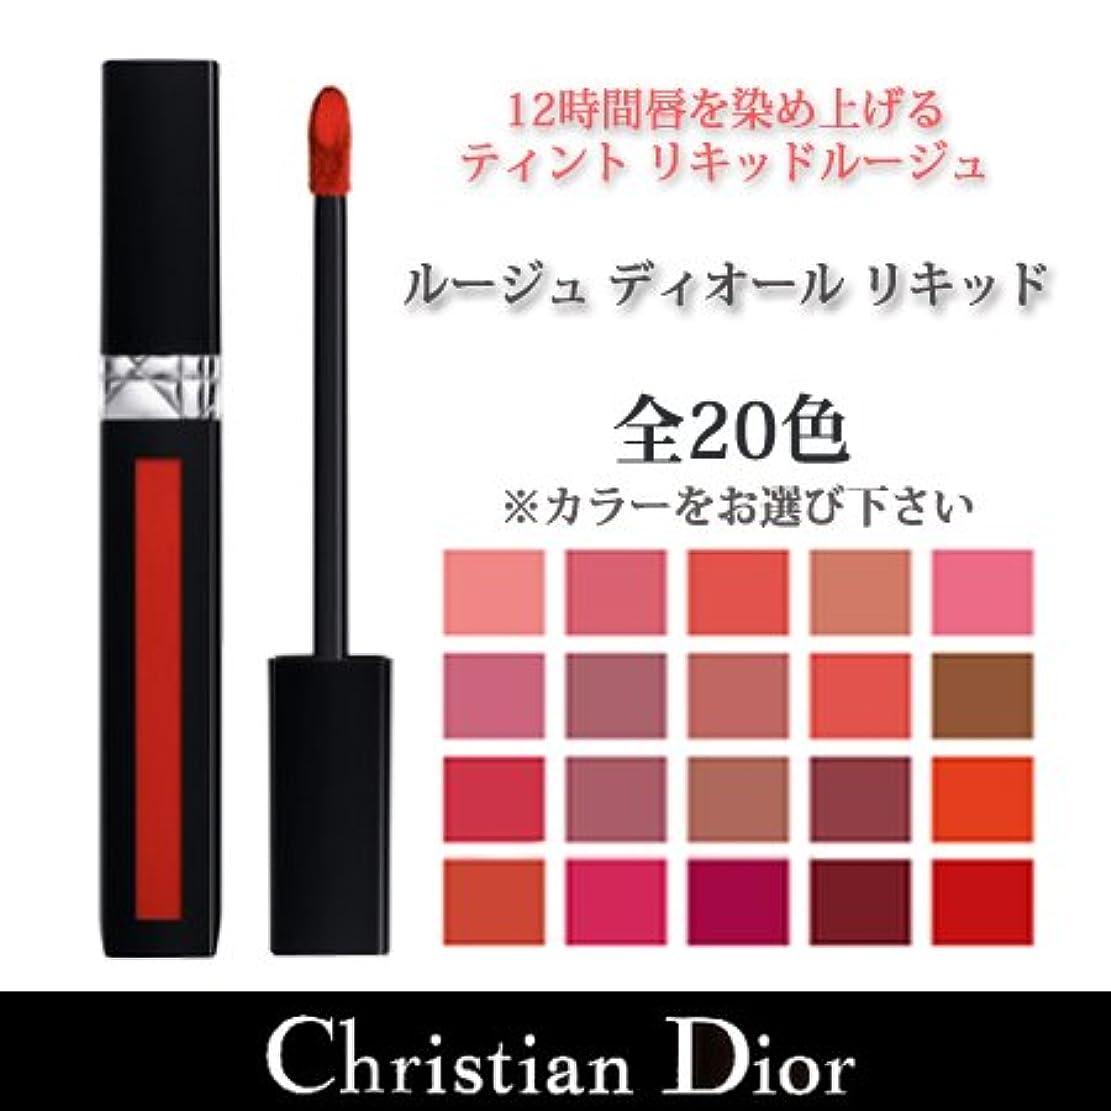 変装良性興奮ディオール ルージュ ディオール リキッド 全20色 -Dior- 362